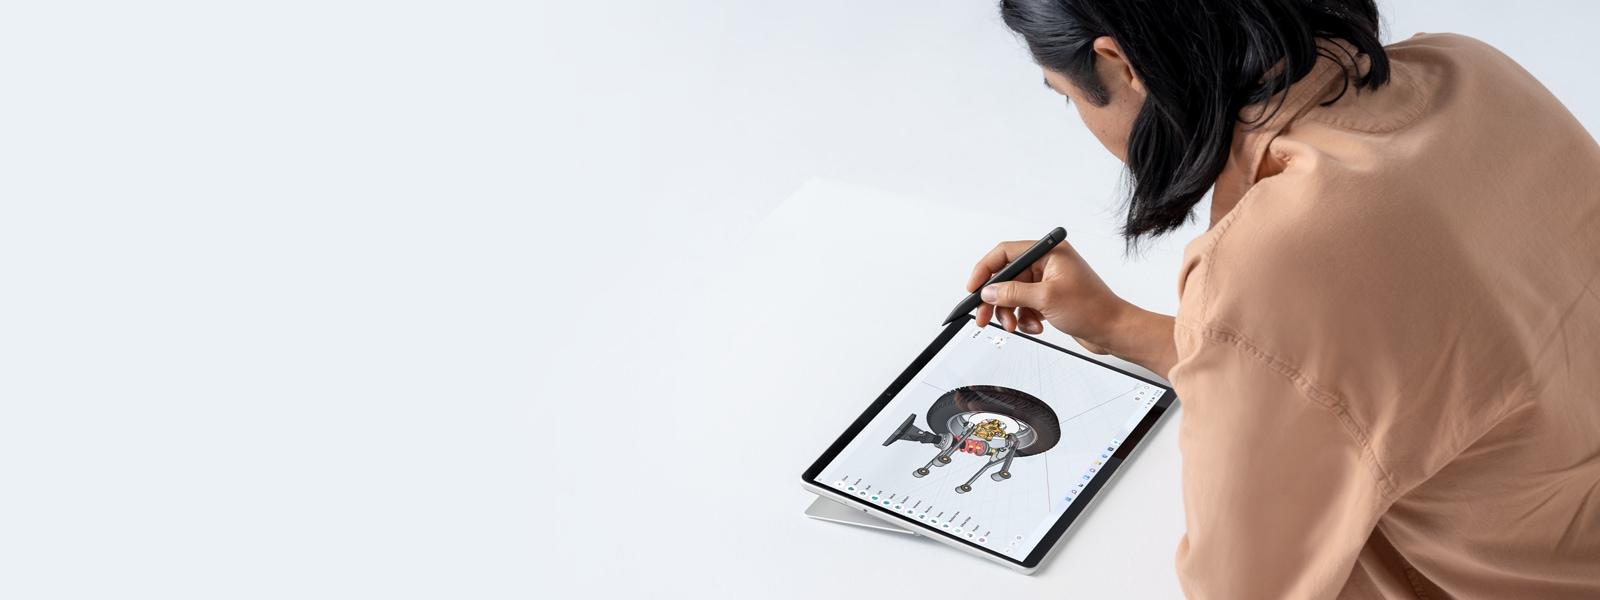 คนคนหนึ่งกำลังถือปากกา Surface และทำงานด้วย Surface Pro 8